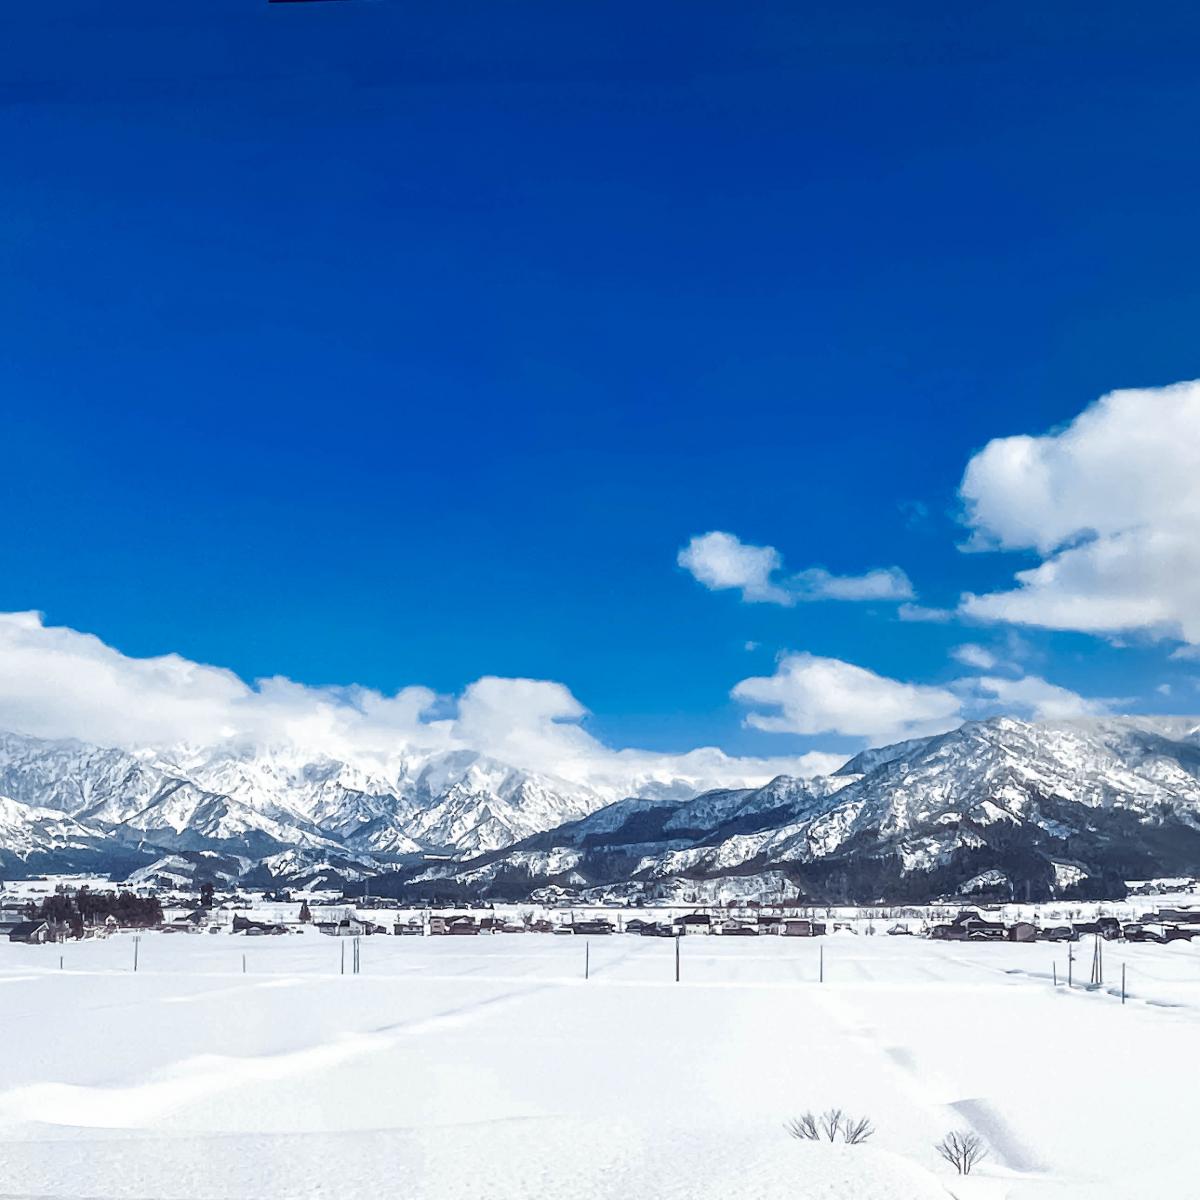 トンネルを抜けるとそこは、一面の雪景色〜〜!